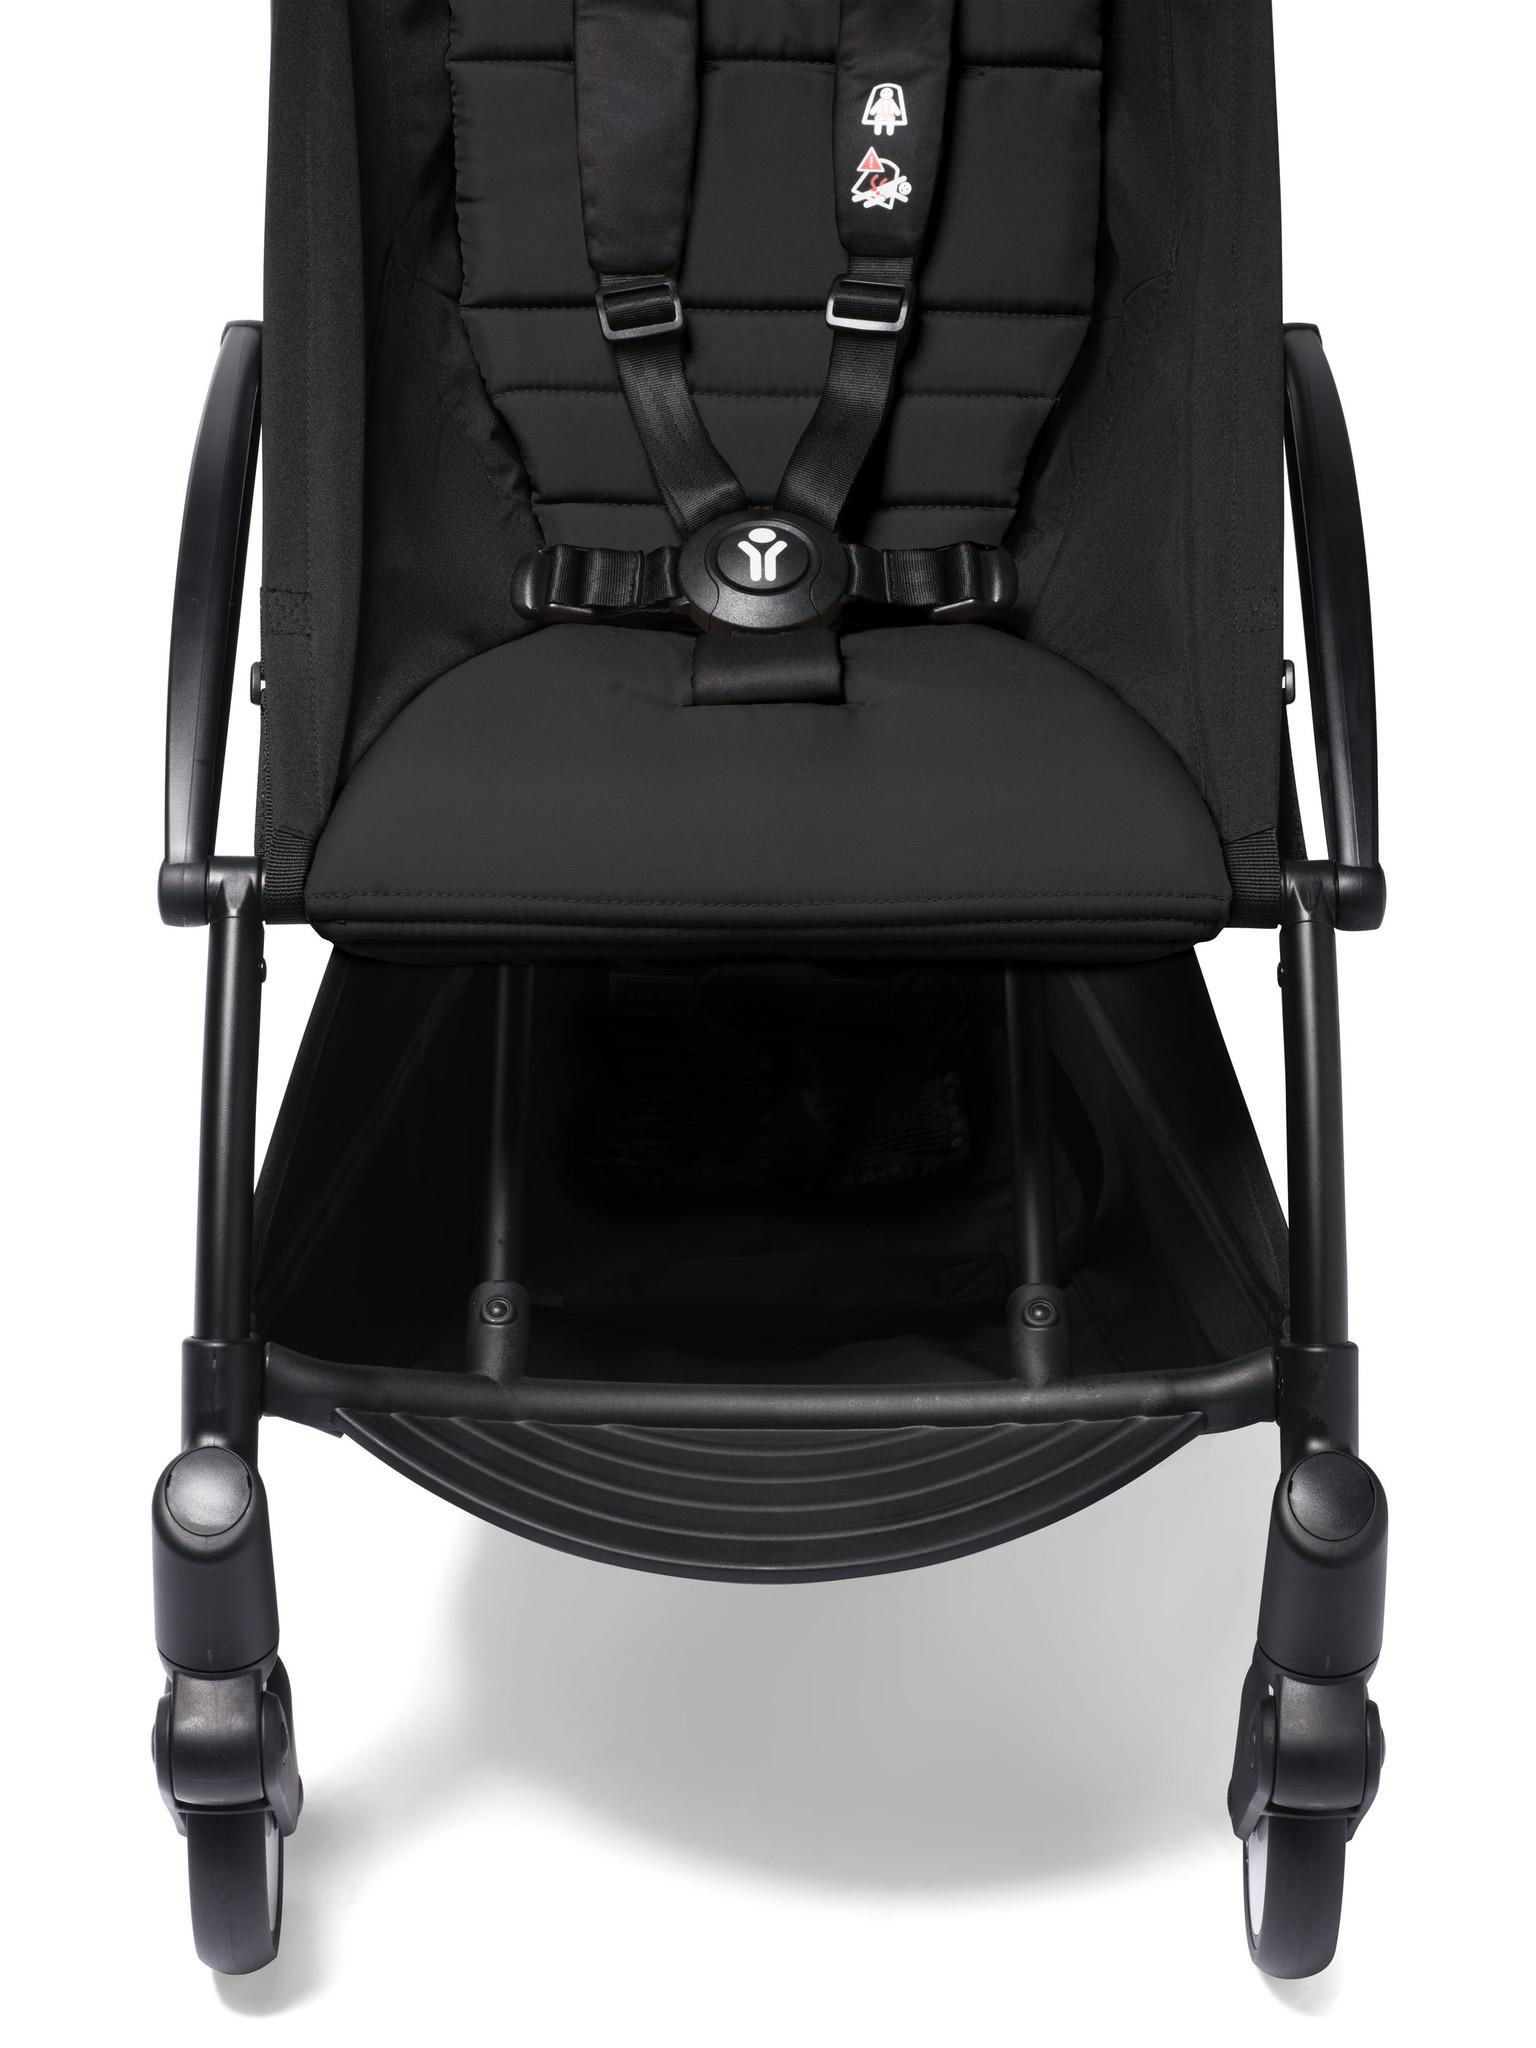 Babyzen Babyzen YOYO² Buggy ab 6 Monaten inklusive Beinstütze - schwarz mit schwarzem Rahmen